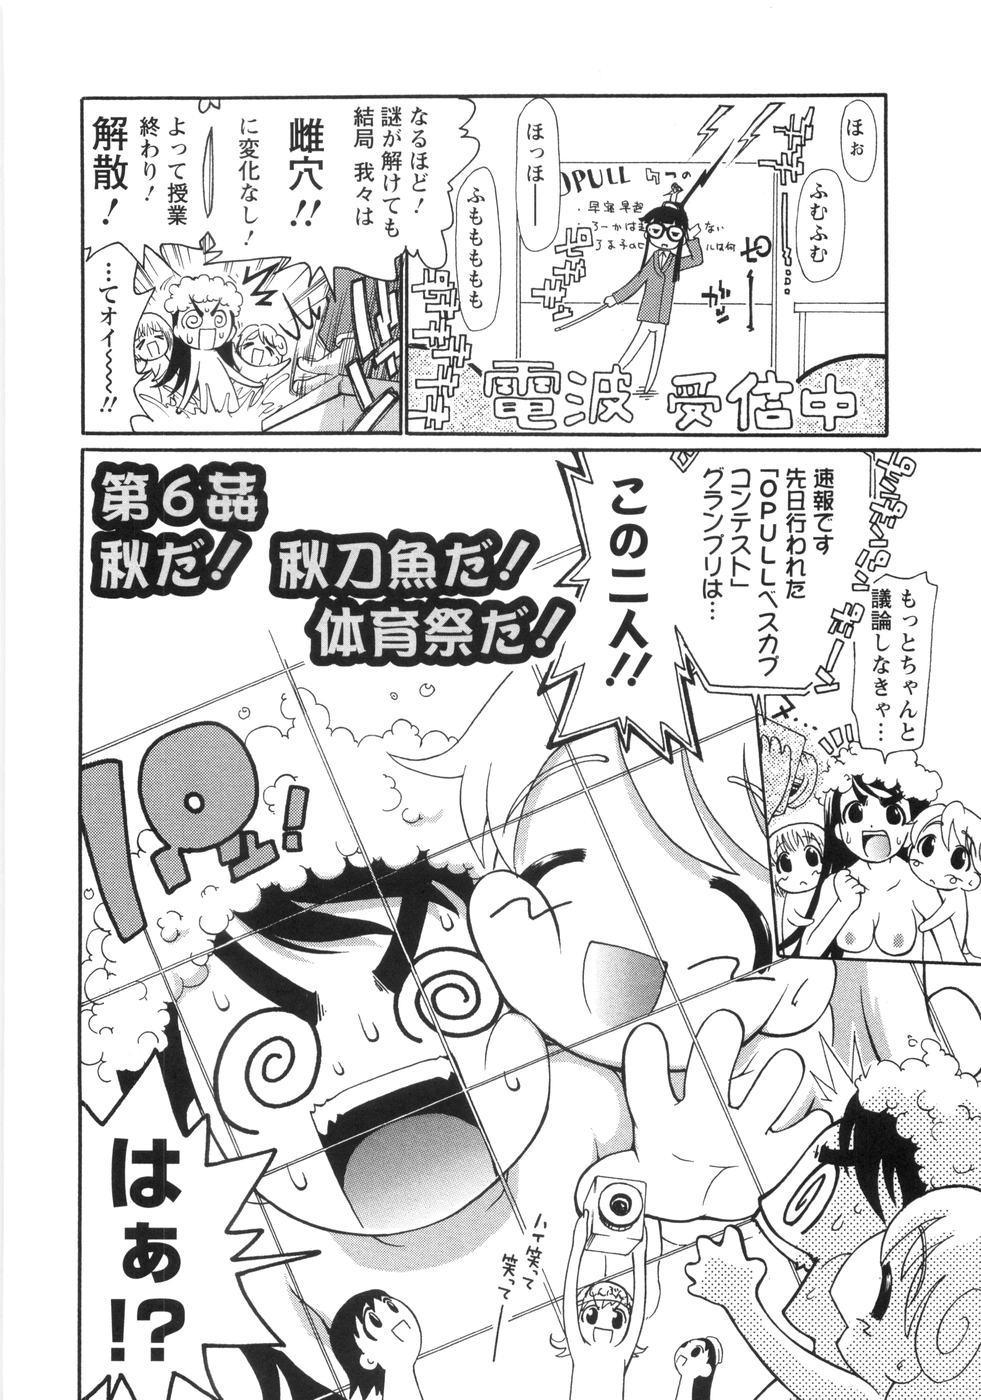 0 PULL TOWN Gakuen e Youkoso! 124